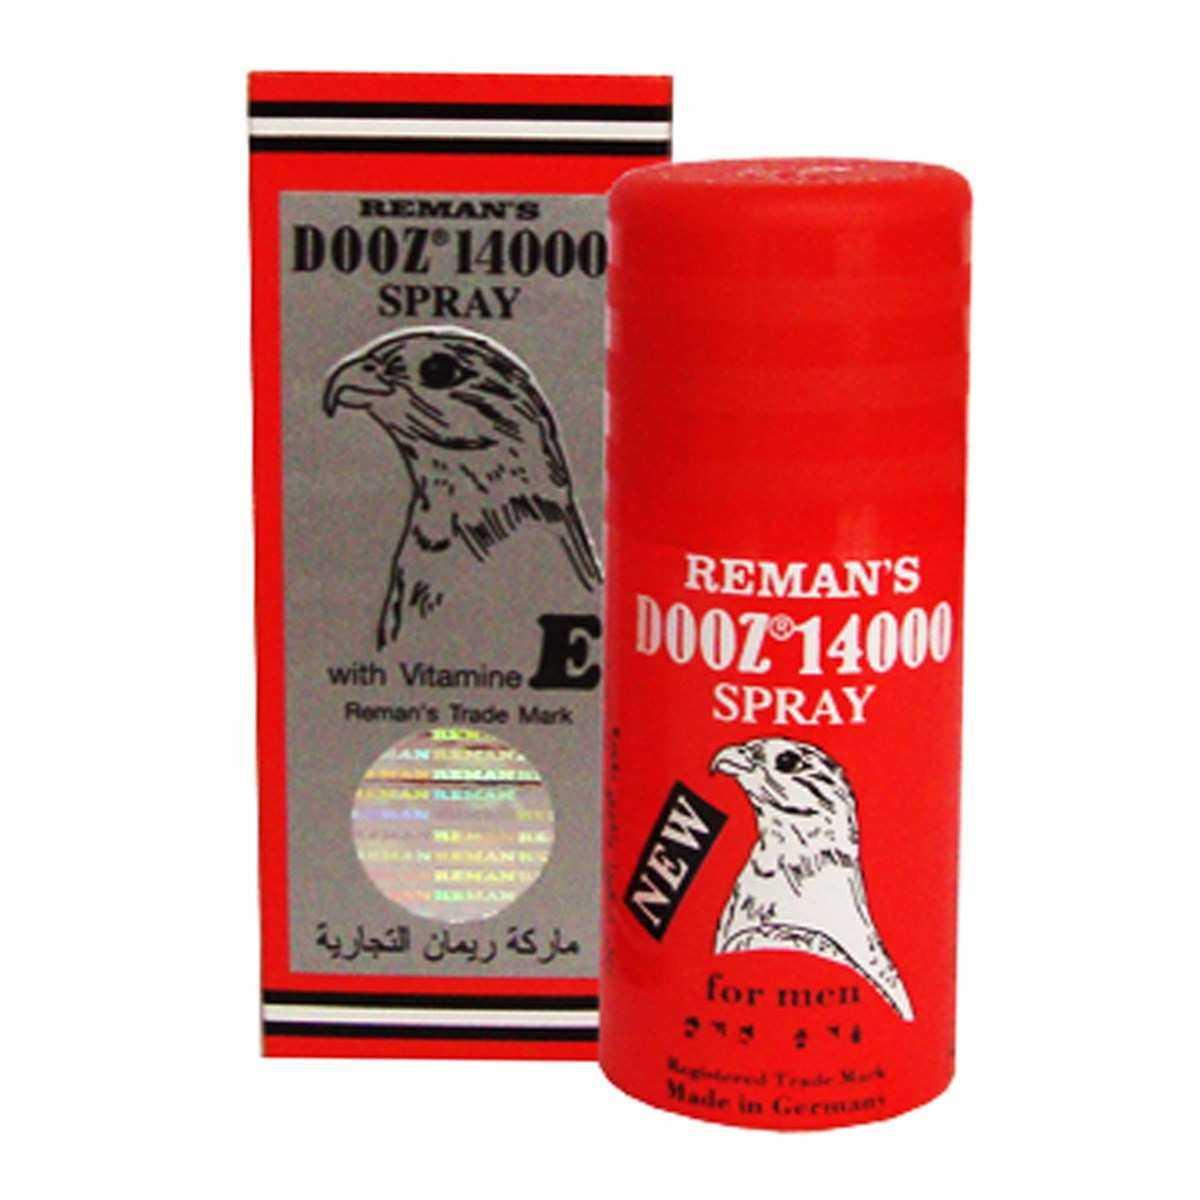 Reman's Dooz 14000 Sprey Erkeklere Özel Geliştirilmiş Geciktirici Sprey